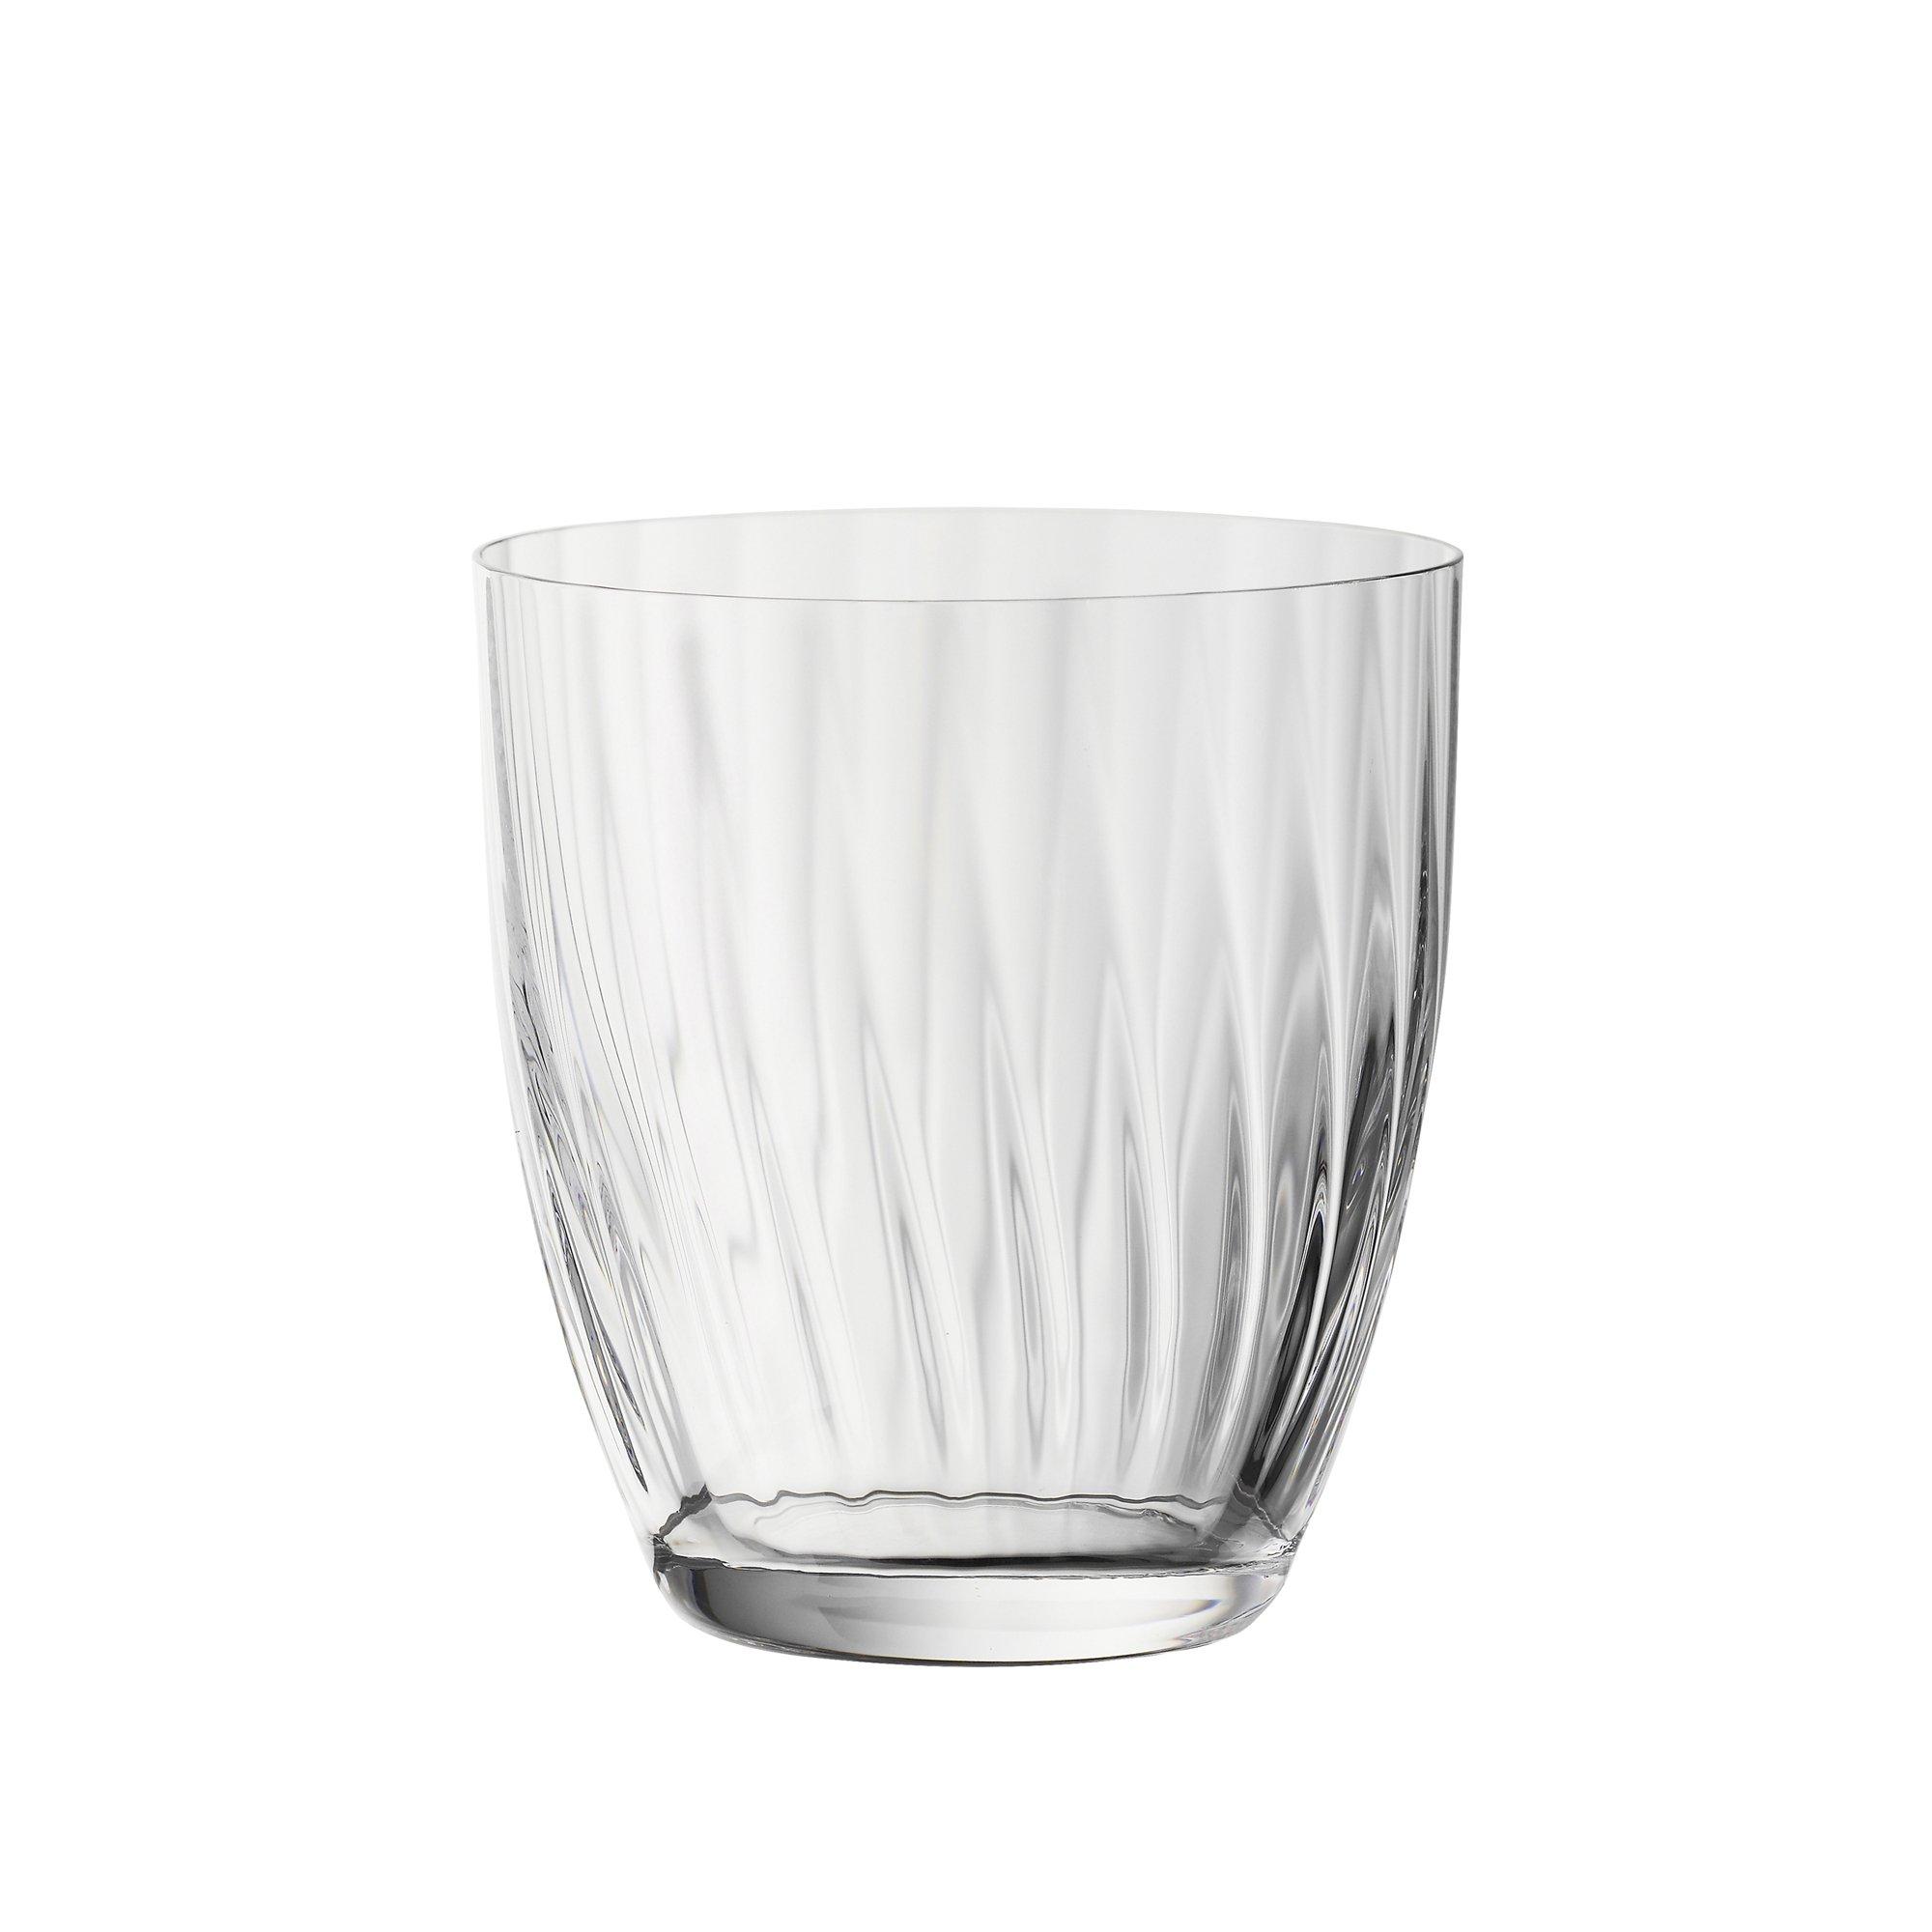 Bohemia Cristal 093006160Tumbler, Clear